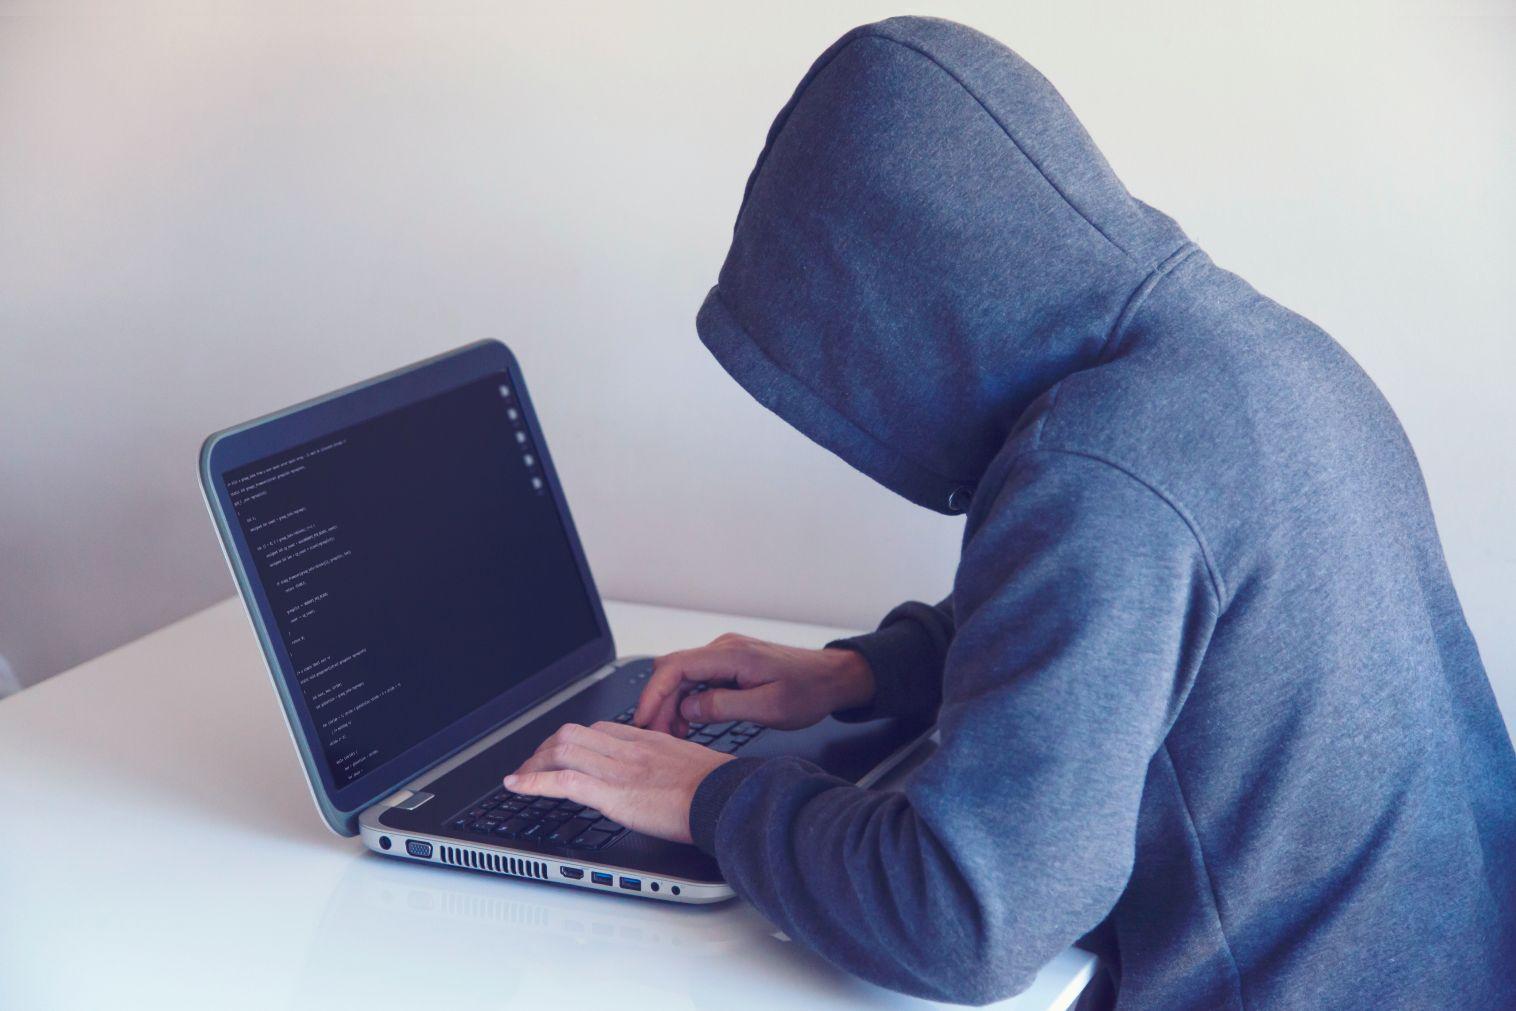 jak się zabezpieczyć przed exploitem